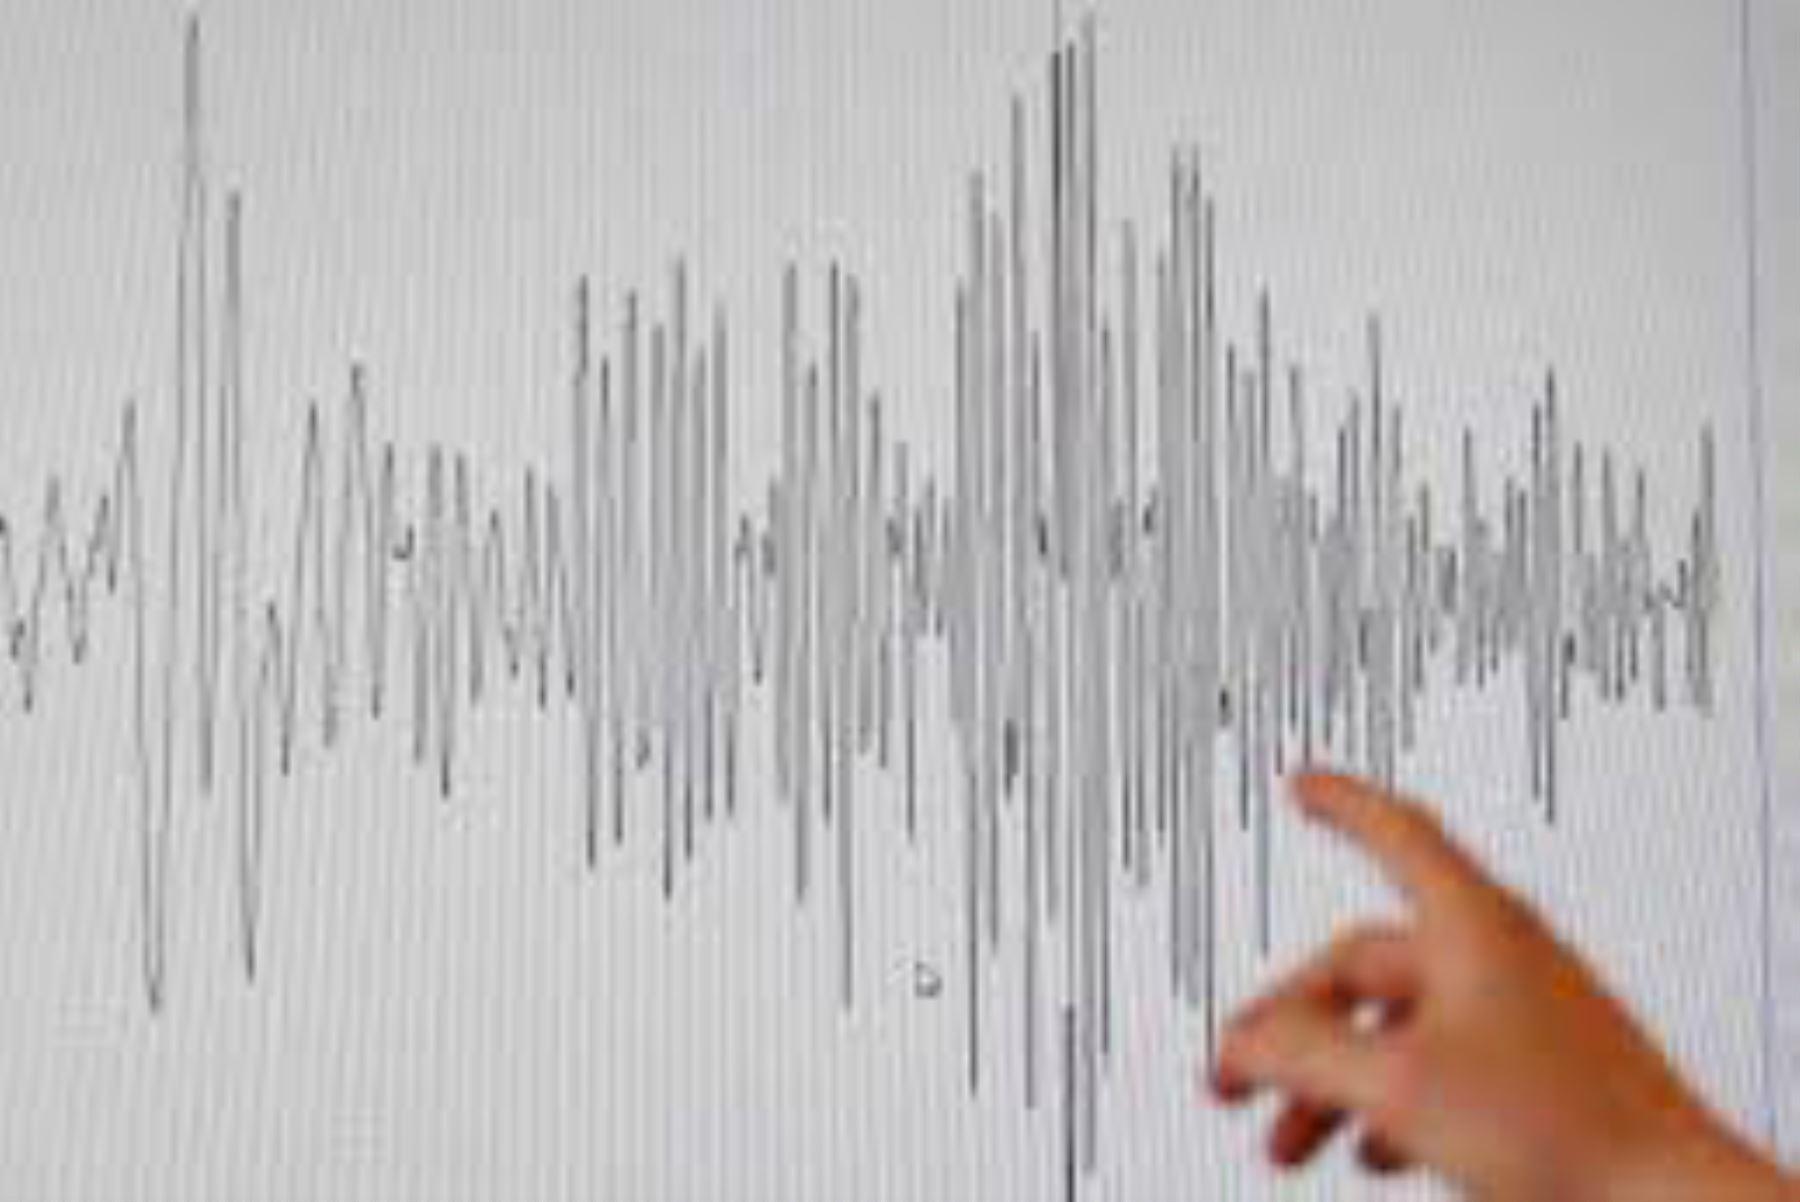 Temblor de magnitud 4 se registra en la región Arequipa